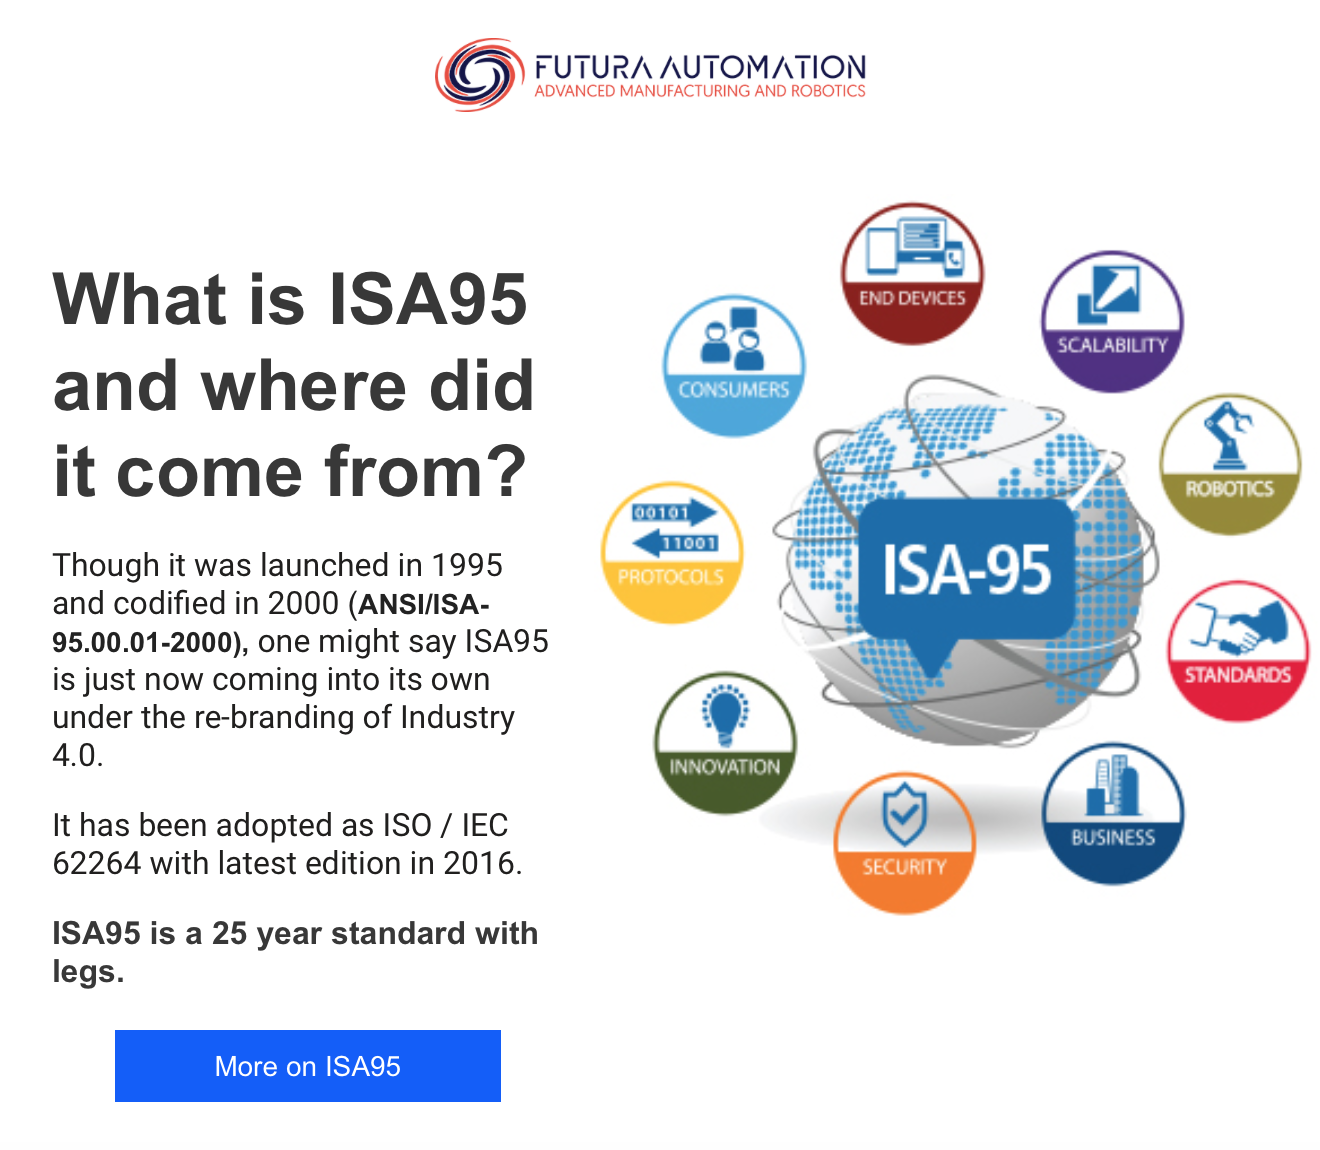 Futura Automation Newsletter 2019 ISA95